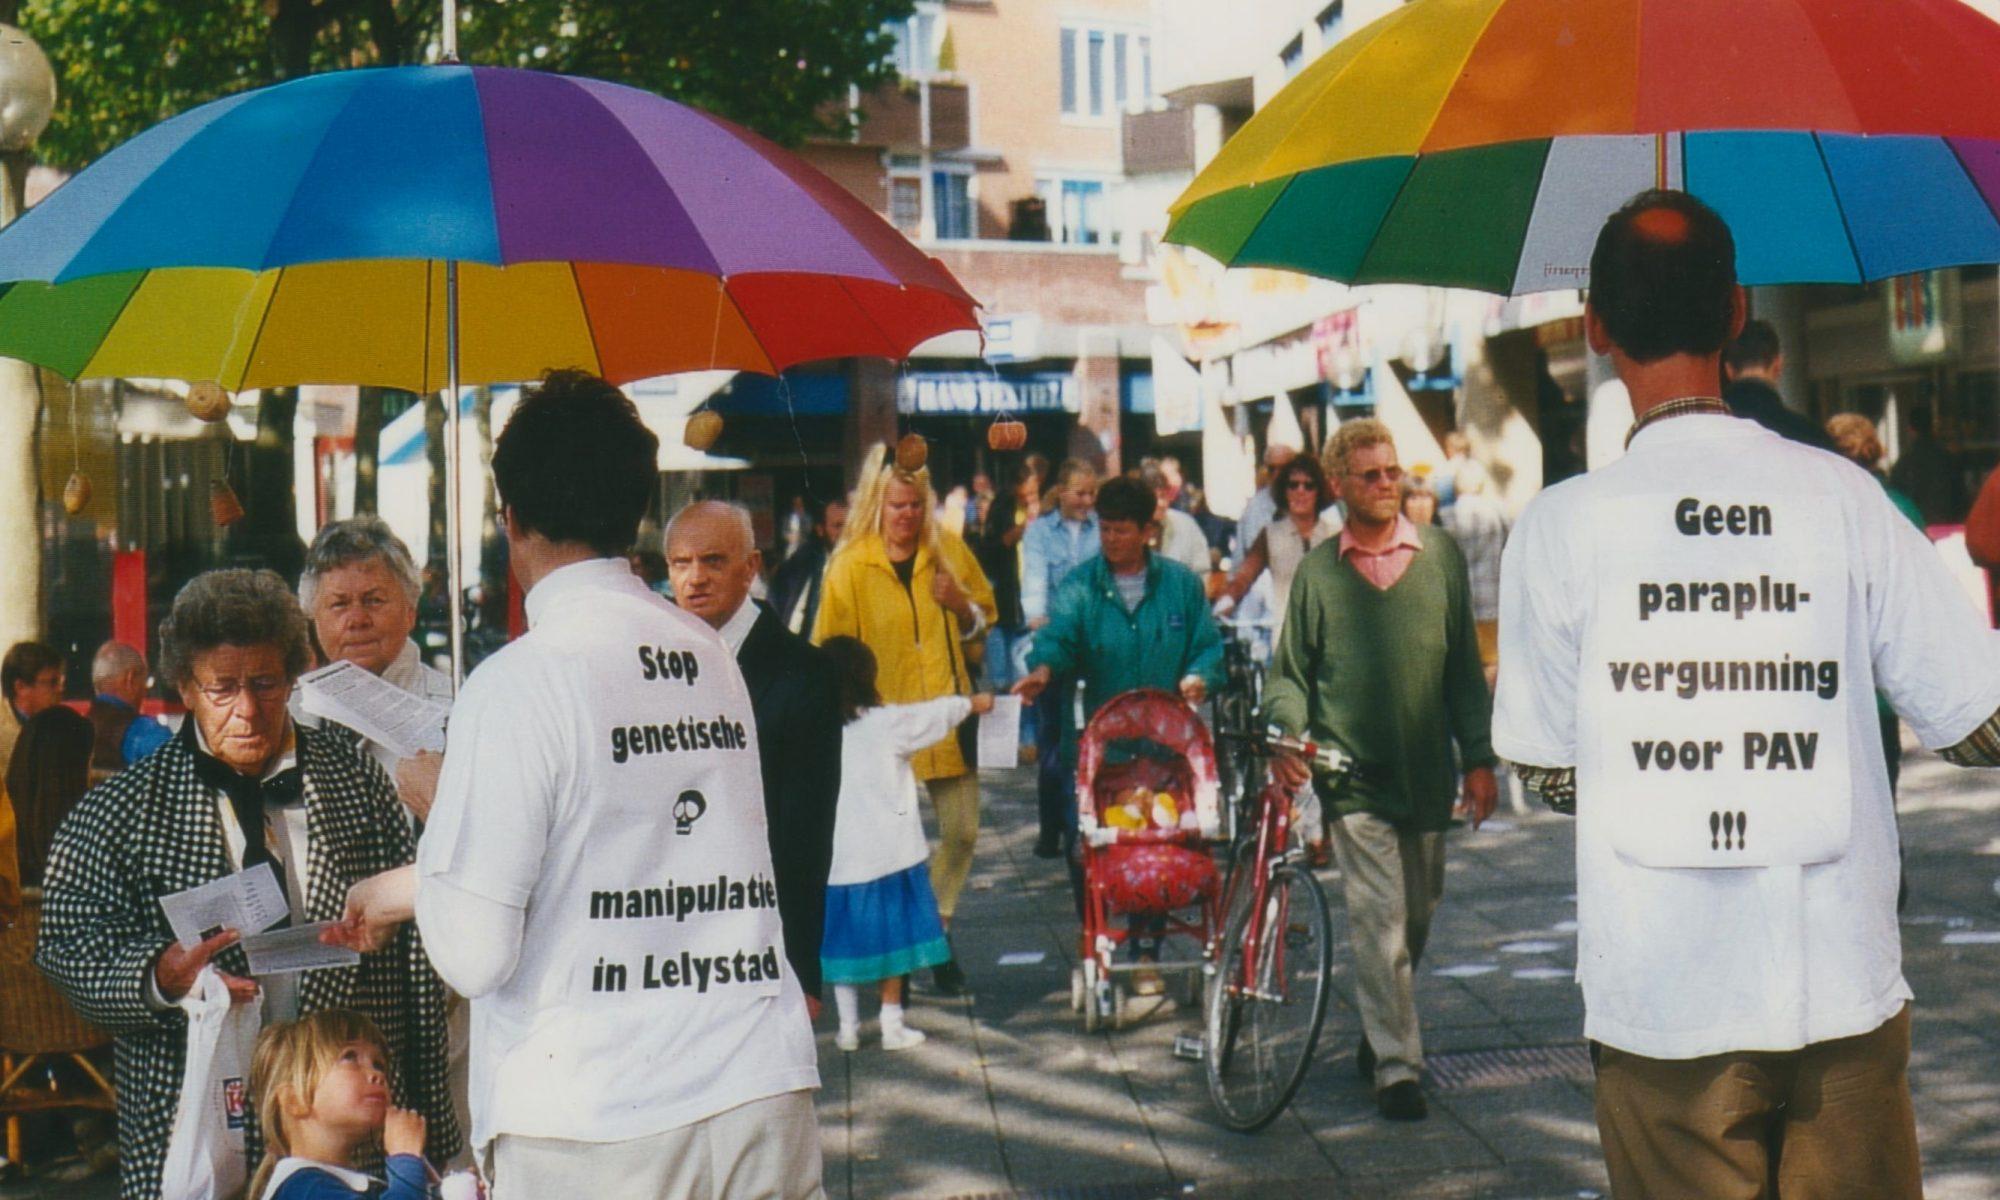 Demonstratie Natuurwetpartij tegen parapluvergunning gentech proefvelden de PAV